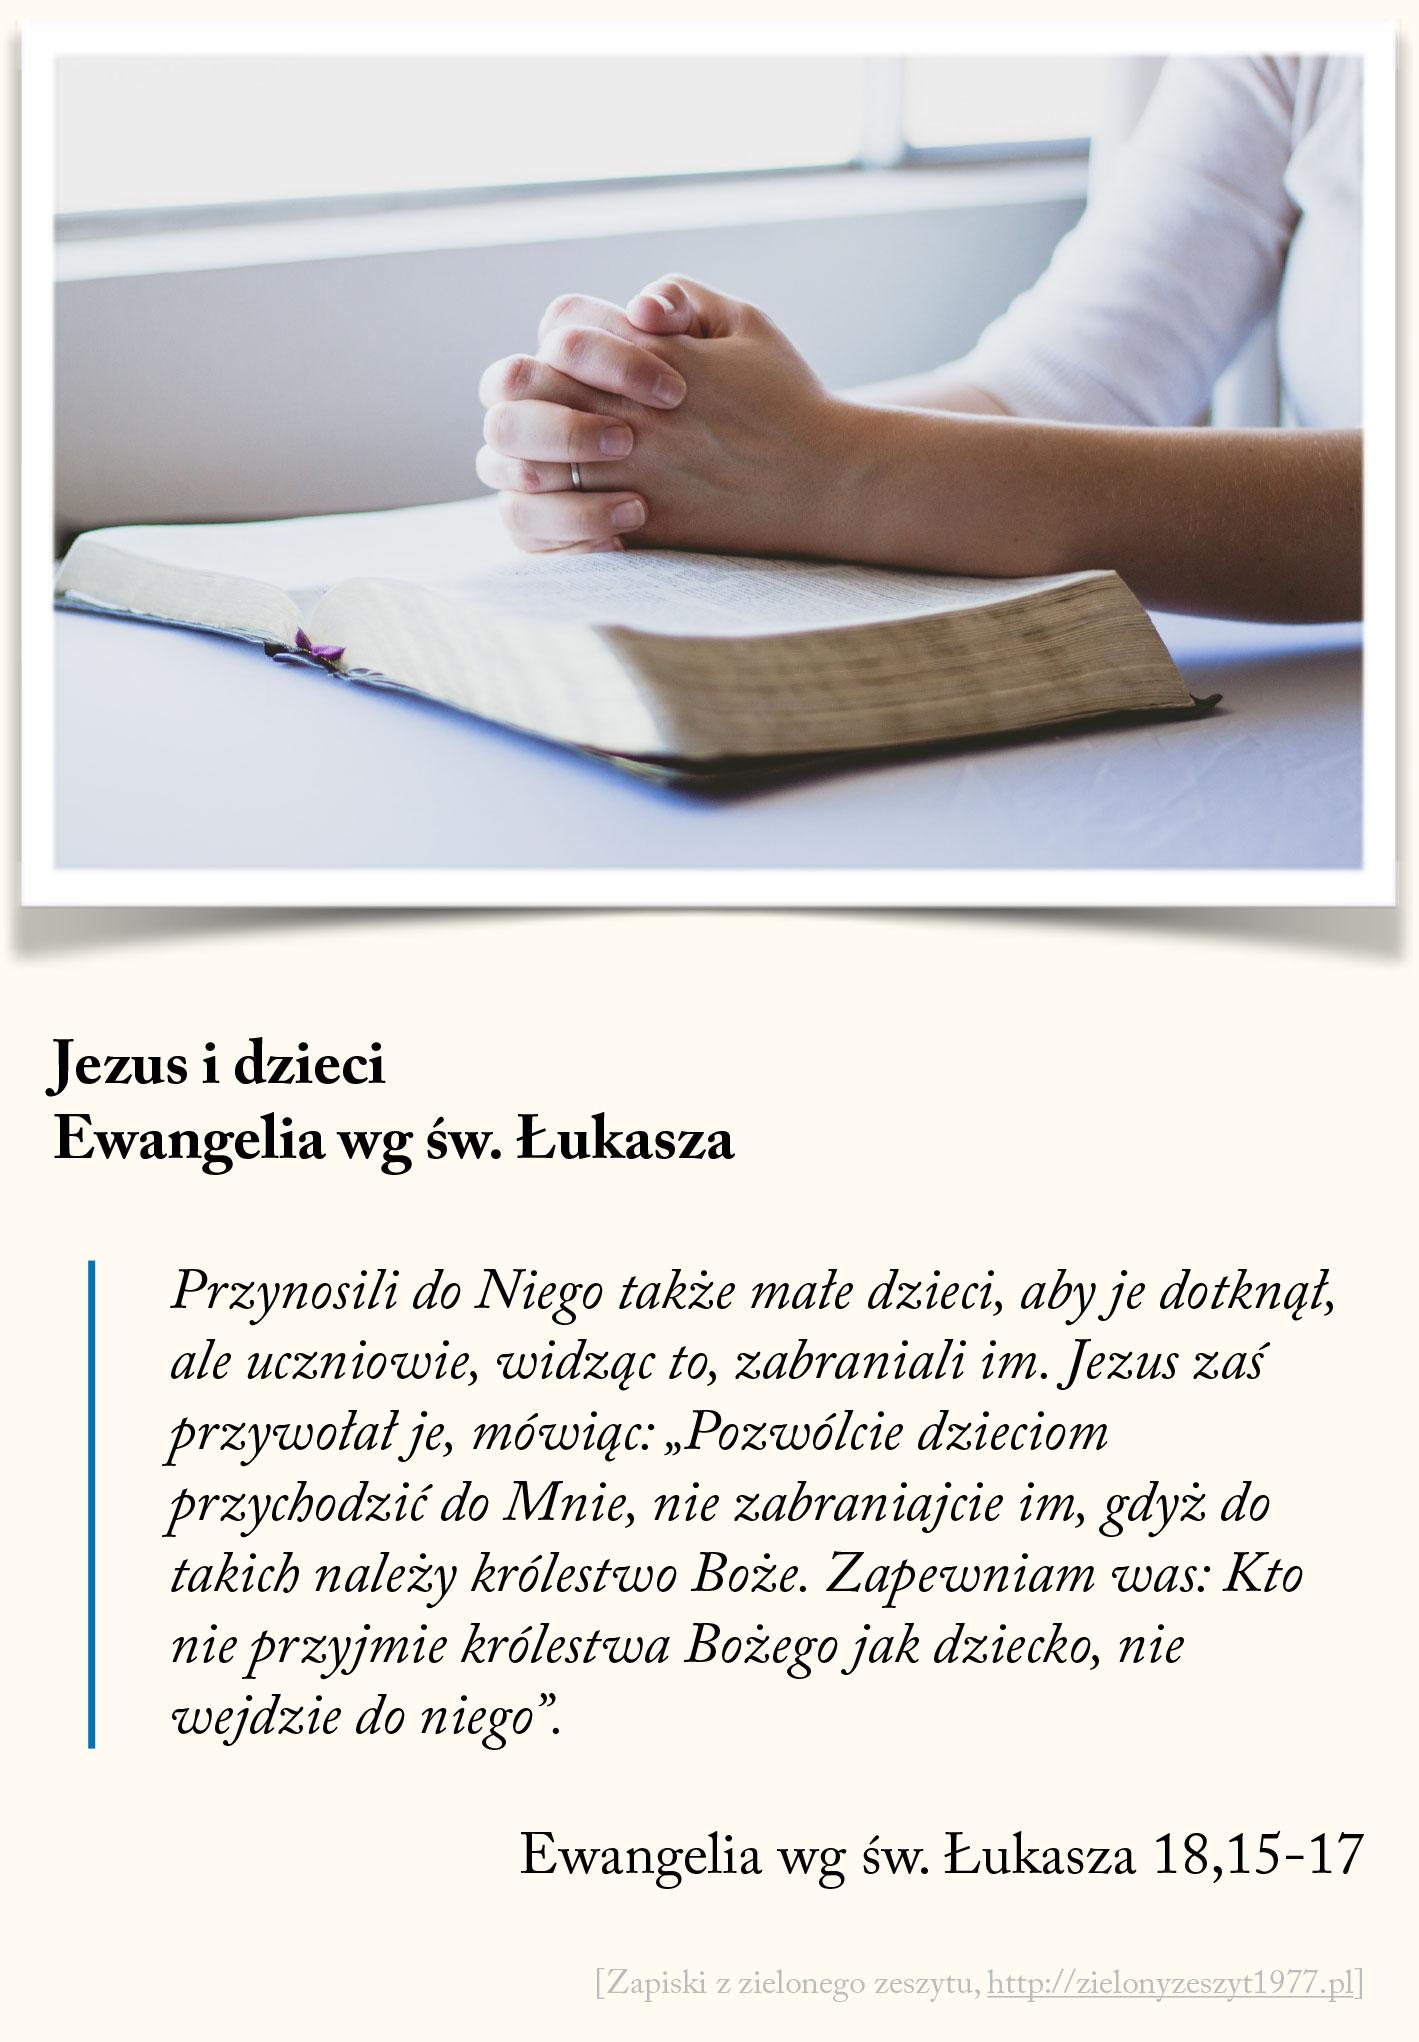 Jezus i dzieci, Ewangelia wg św. Łukasza